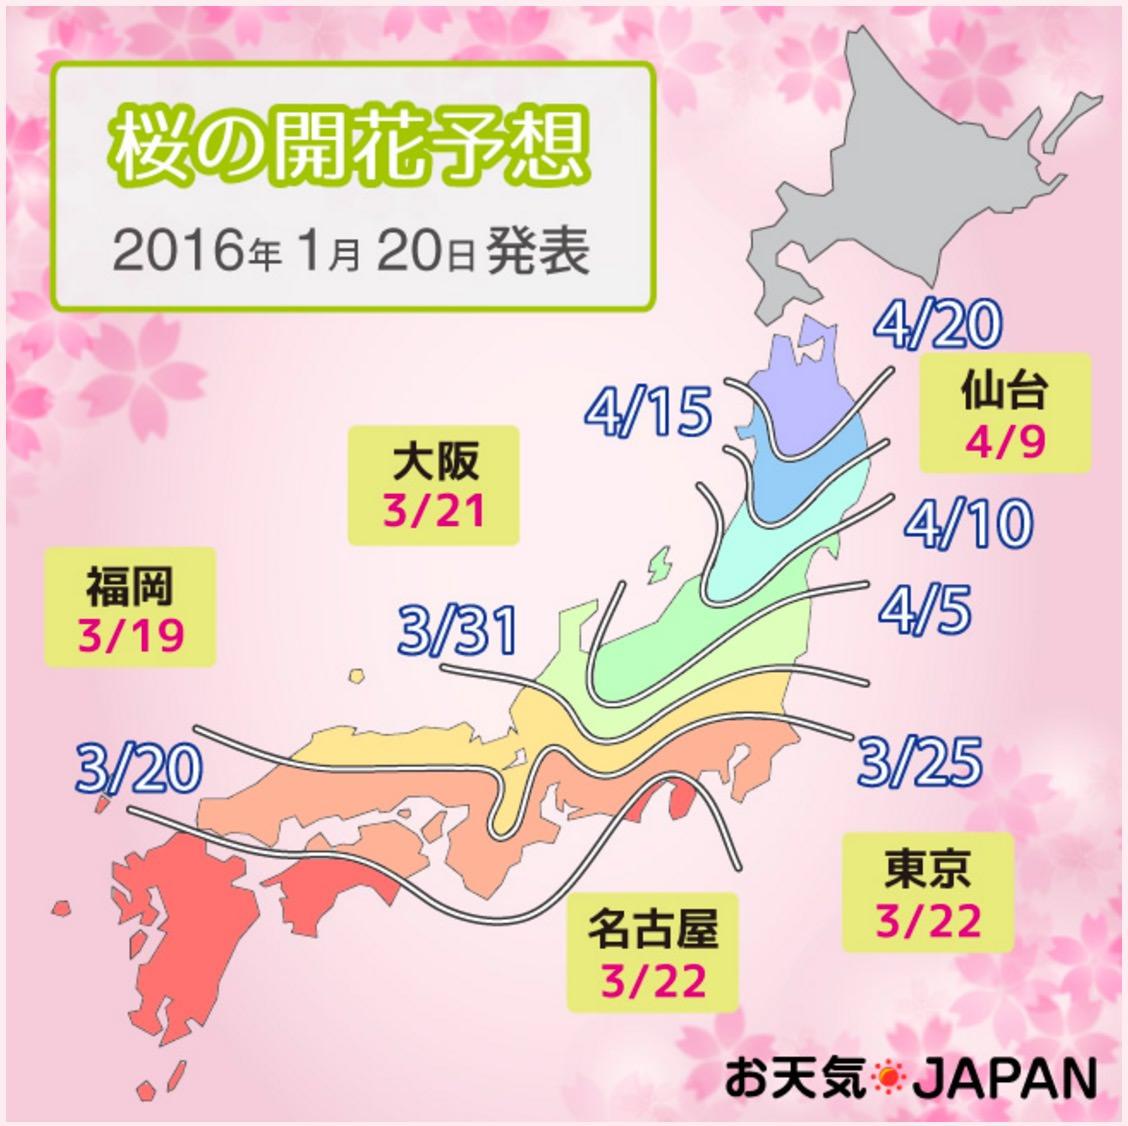 「お天気☆ジャパン」2016年の桜開花予想を発表 → 東京は3/22、大阪は3/21